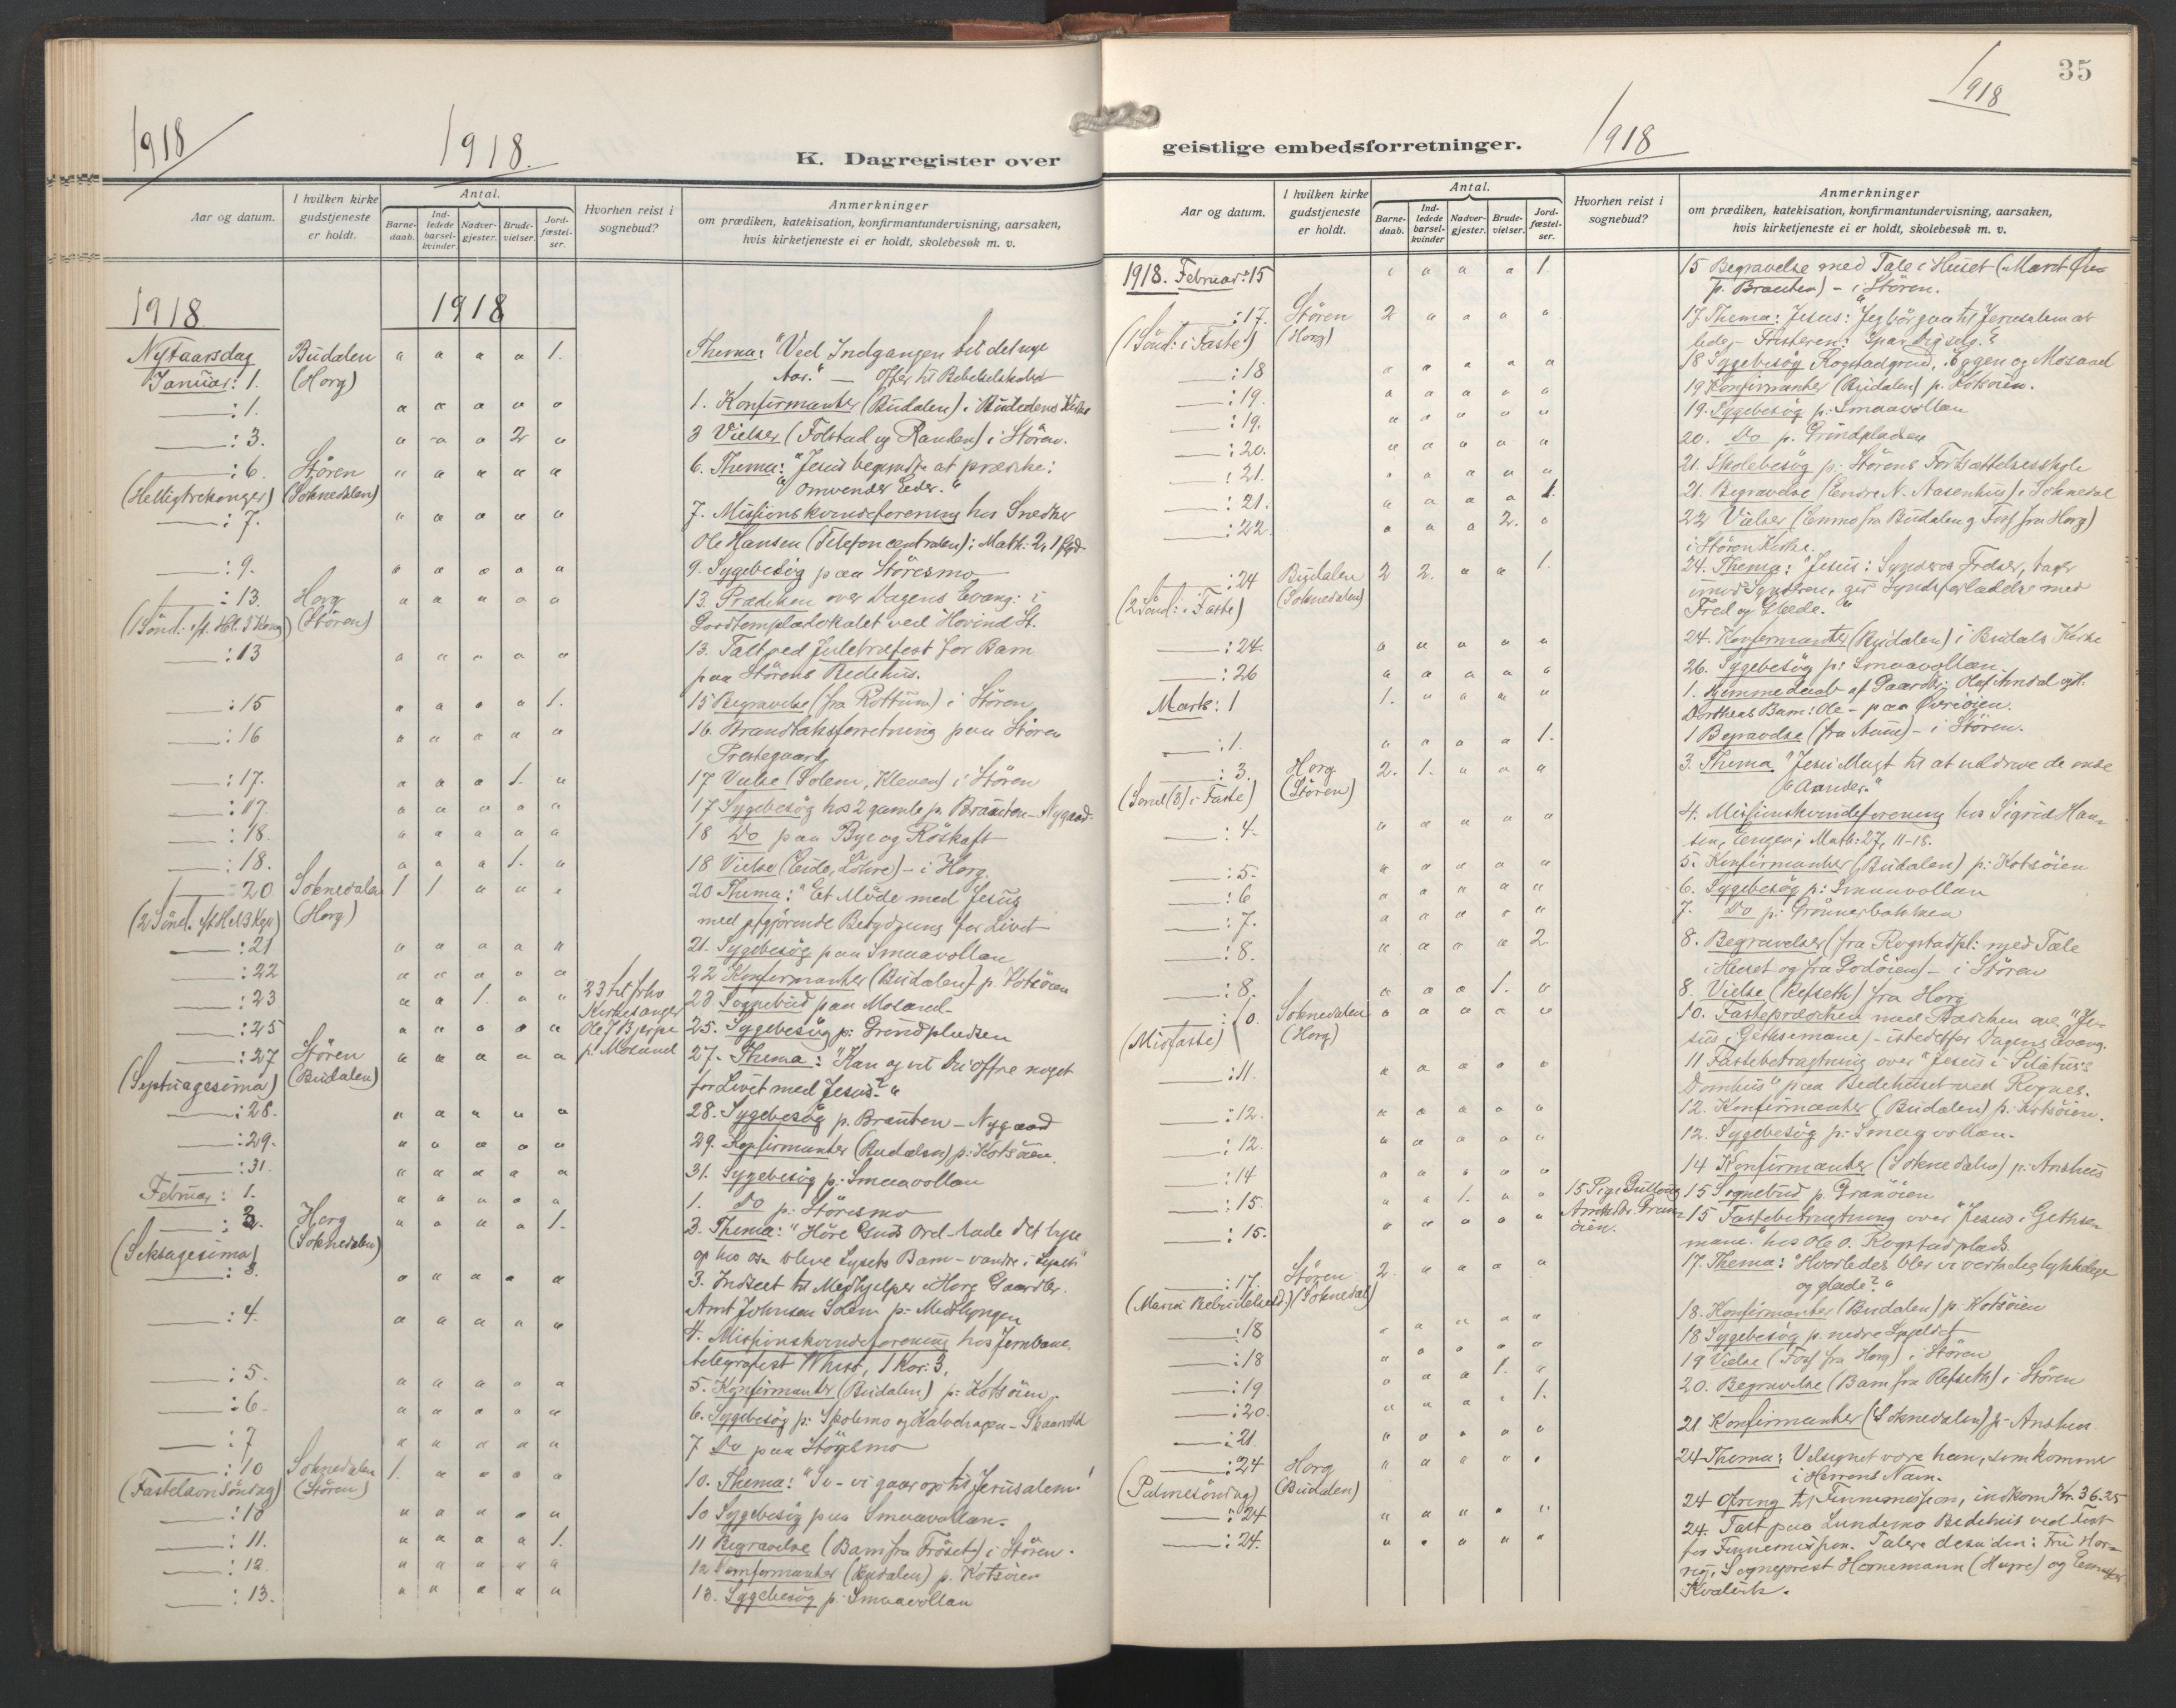 SAT, Ministerialprotokoller, klokkerbøker og fødselsregistre - Sør-Trøndelag, 687/L1006: Dagregister nr. 687A12, 1912-1931, s. 35